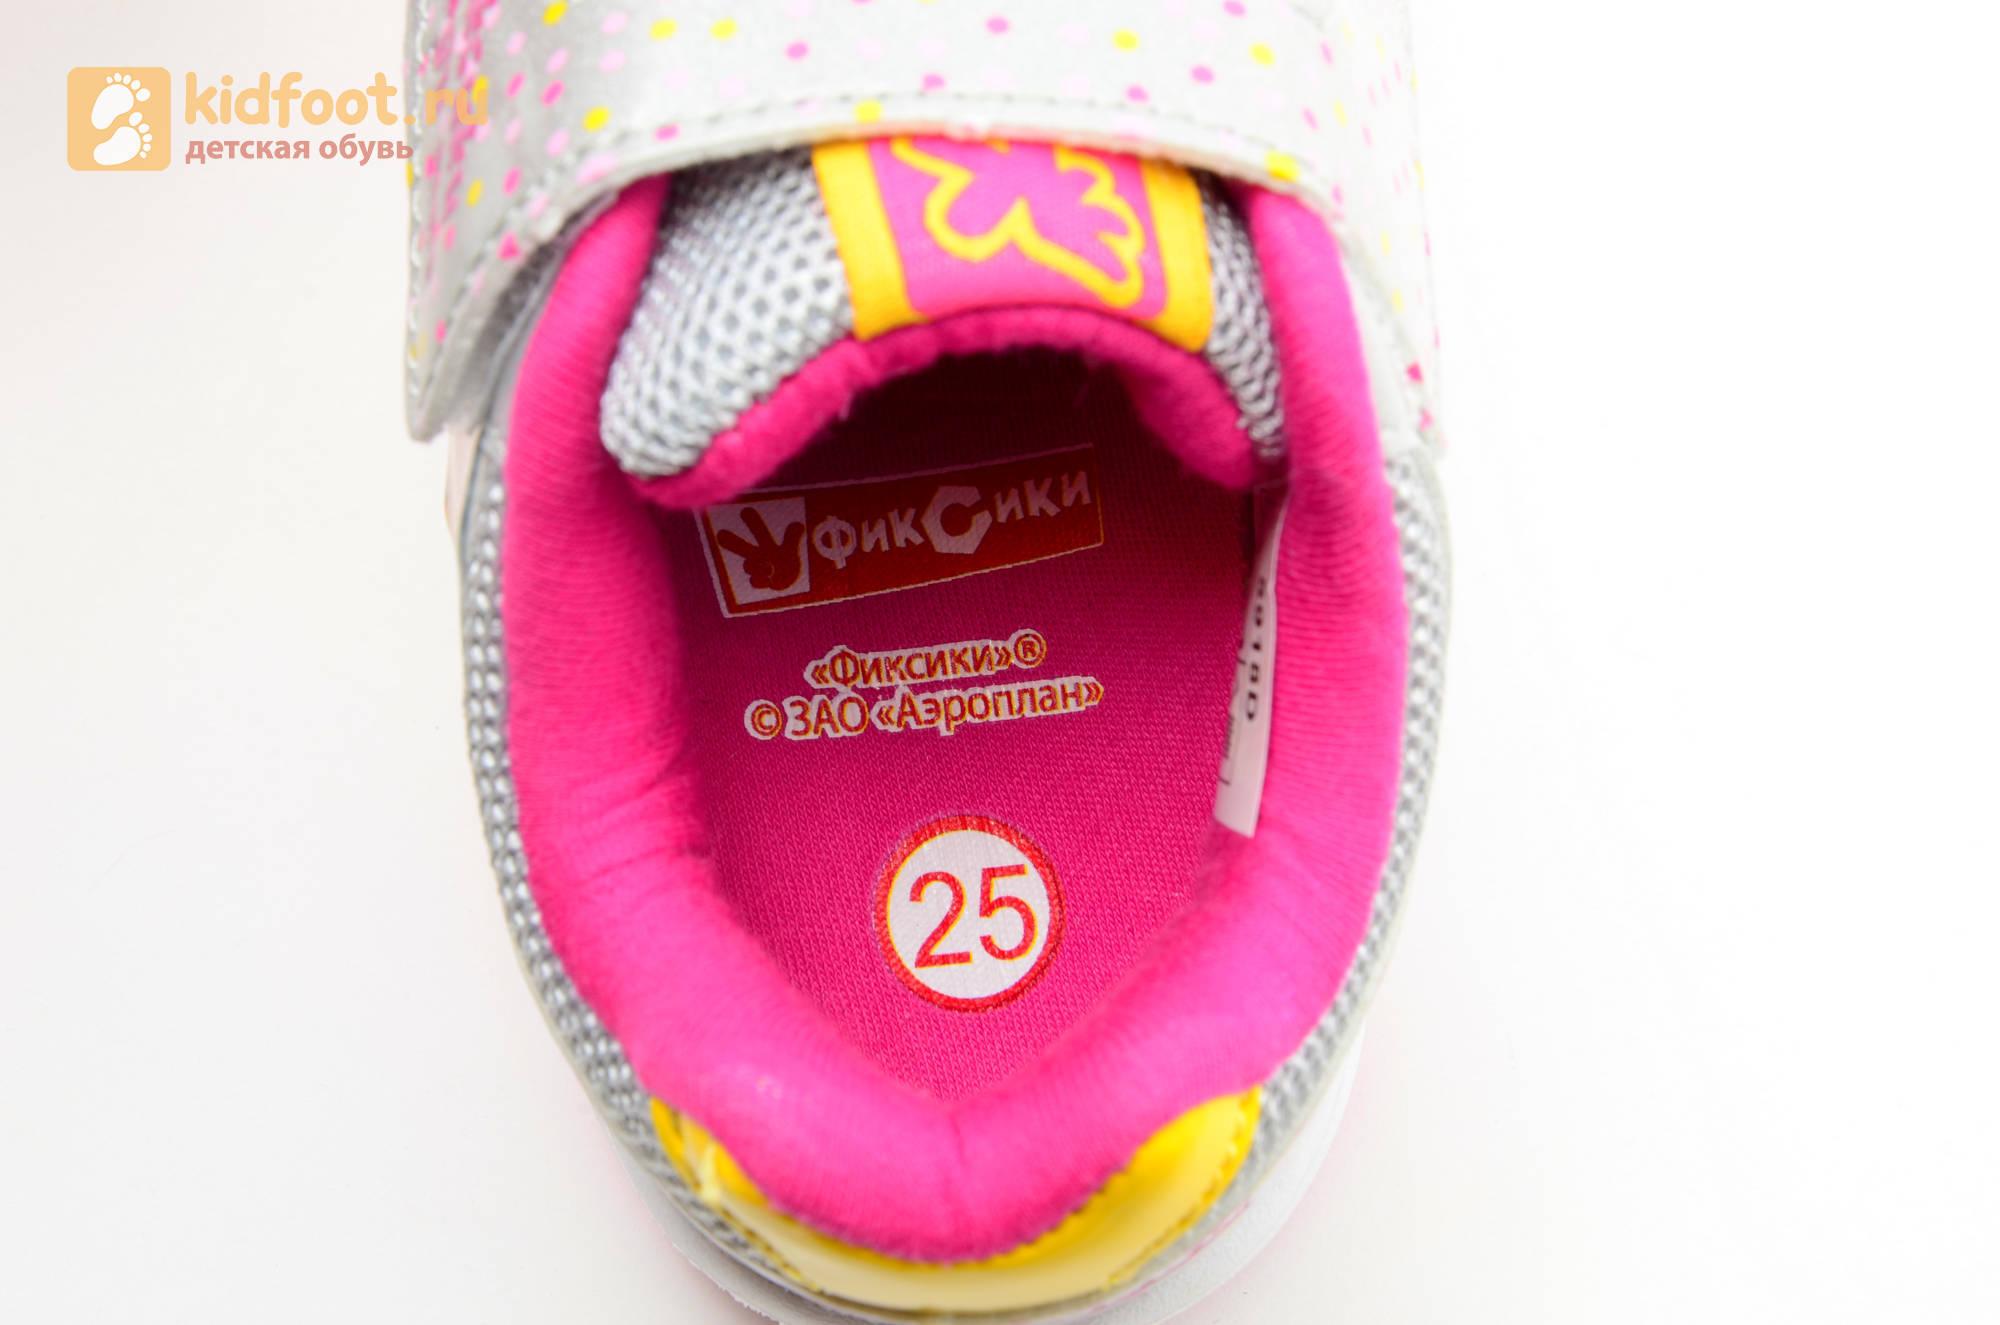 Светящиеся кроссовки для девочек Фиксики на липучках, цвет серый, мигает картинка сбоку